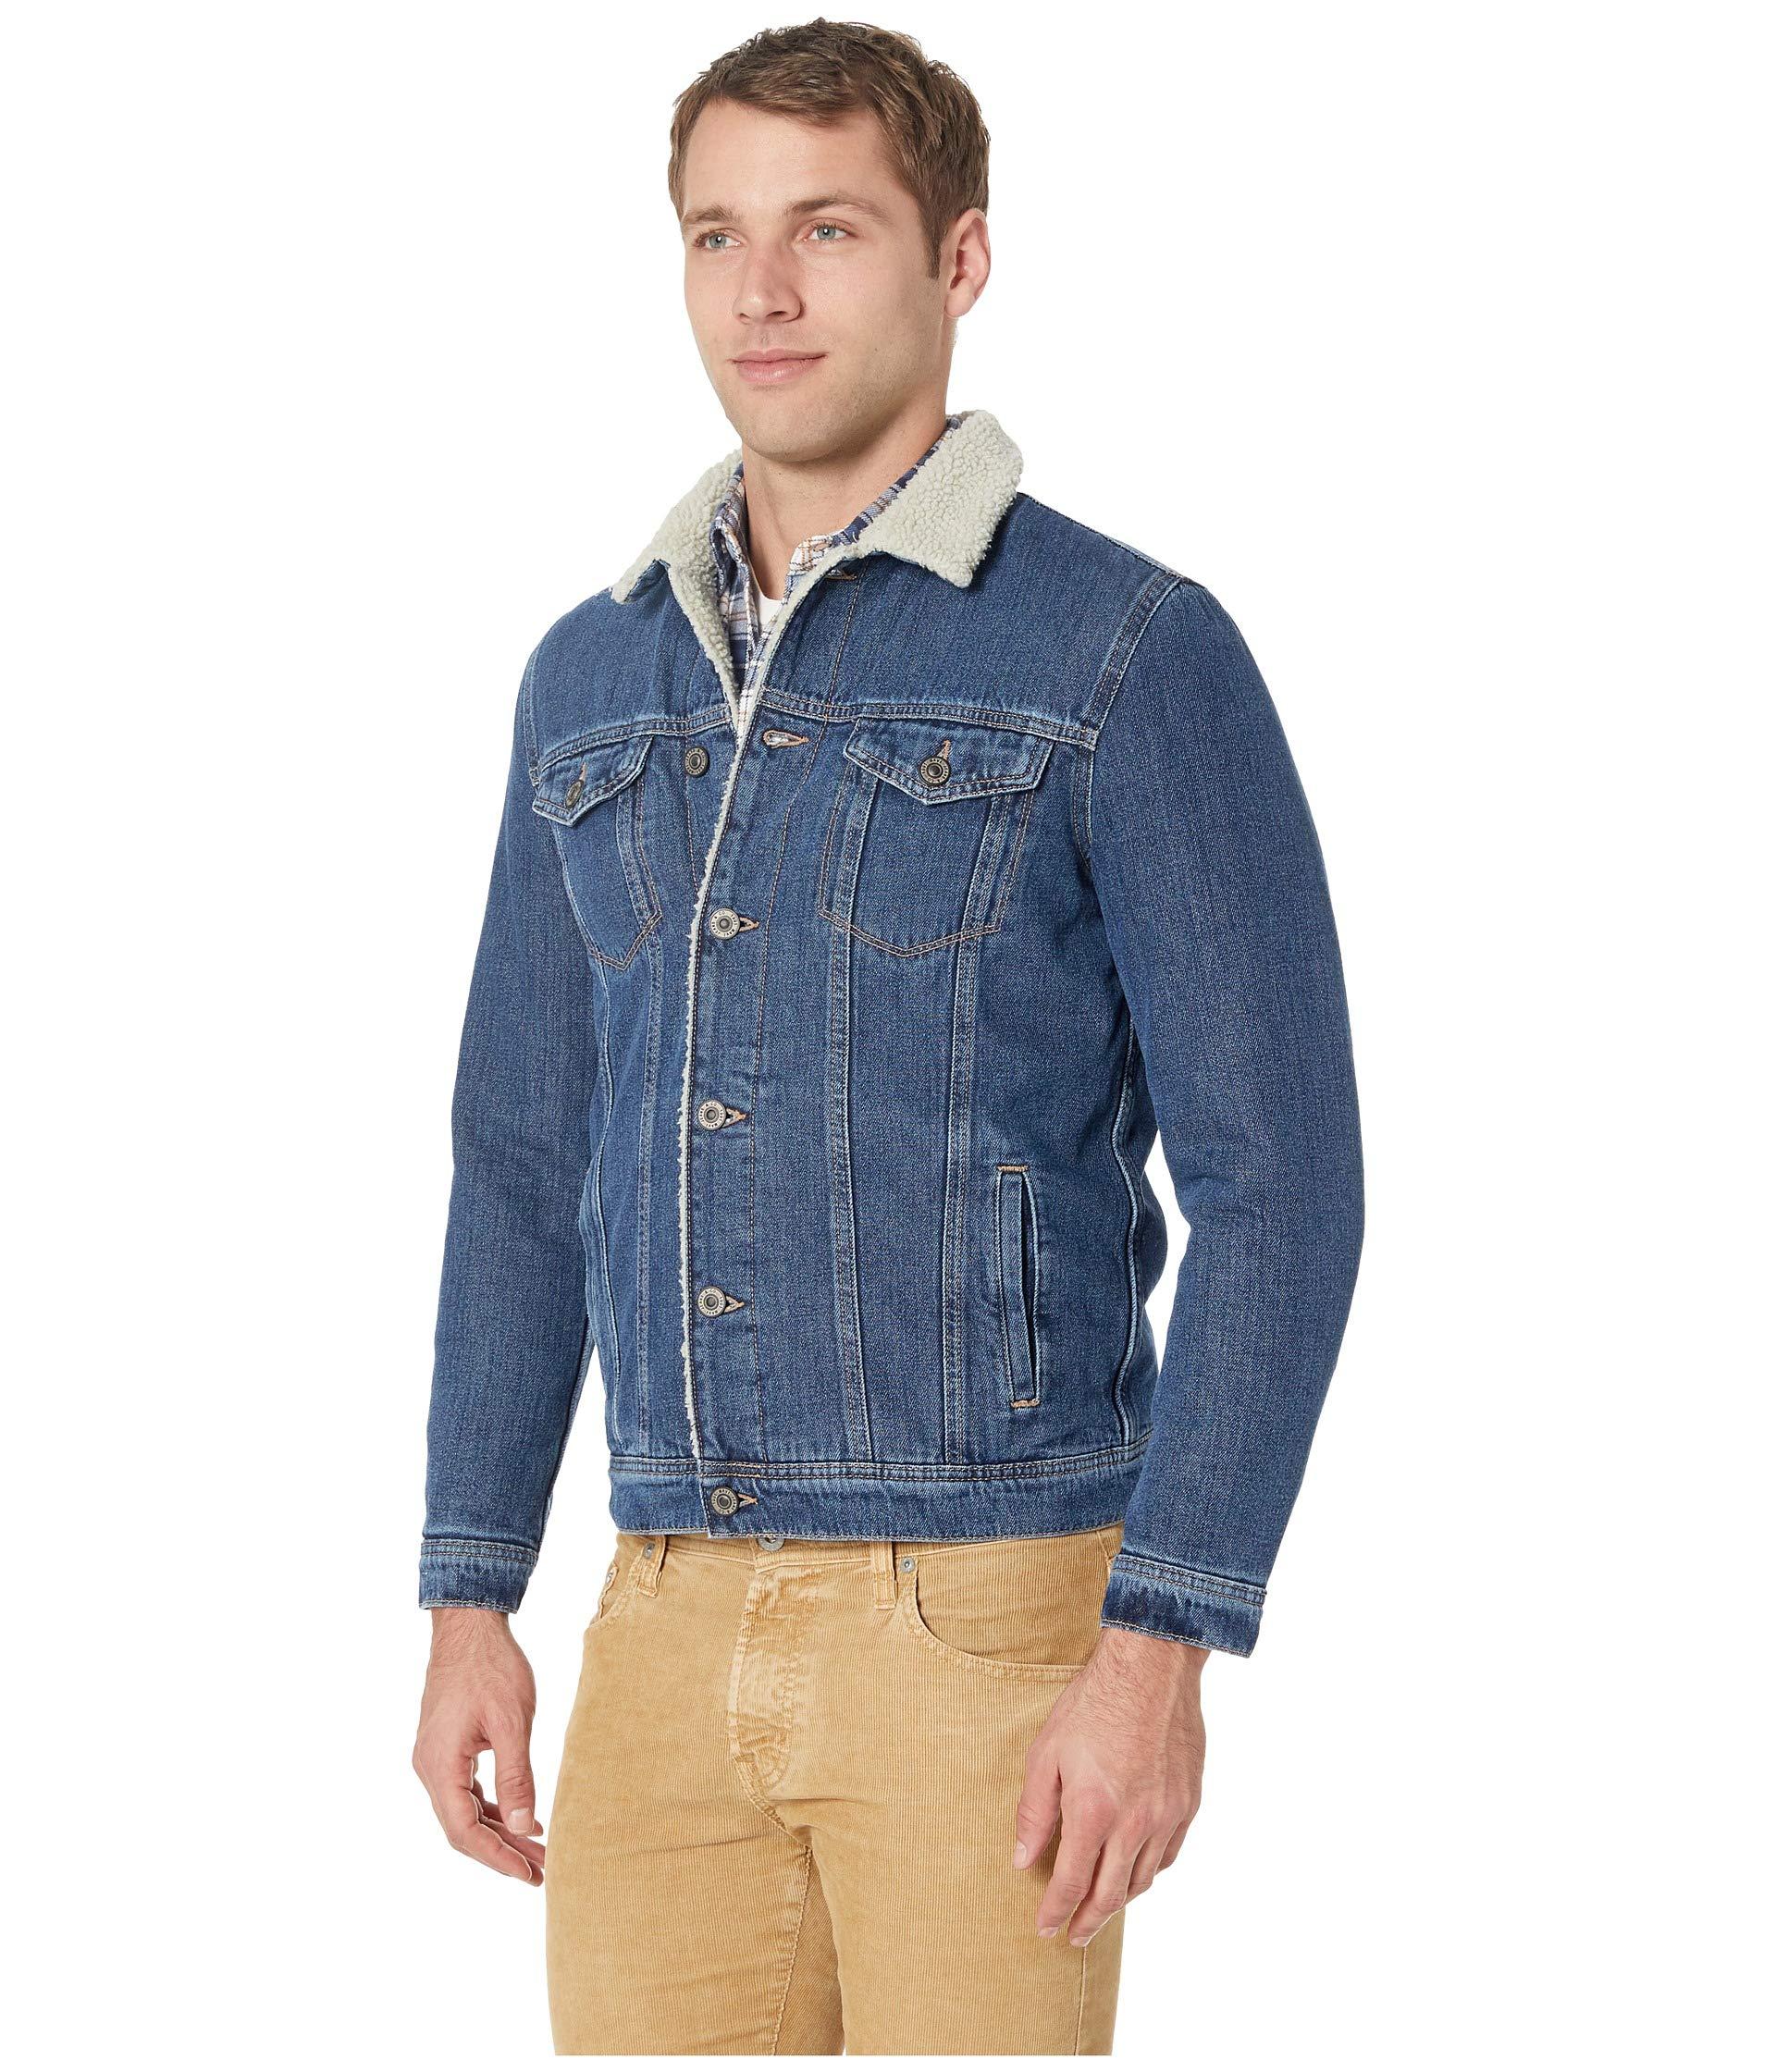 Frank Sherpa Jeans Mavi Jacket Dark zqHIwxg5I